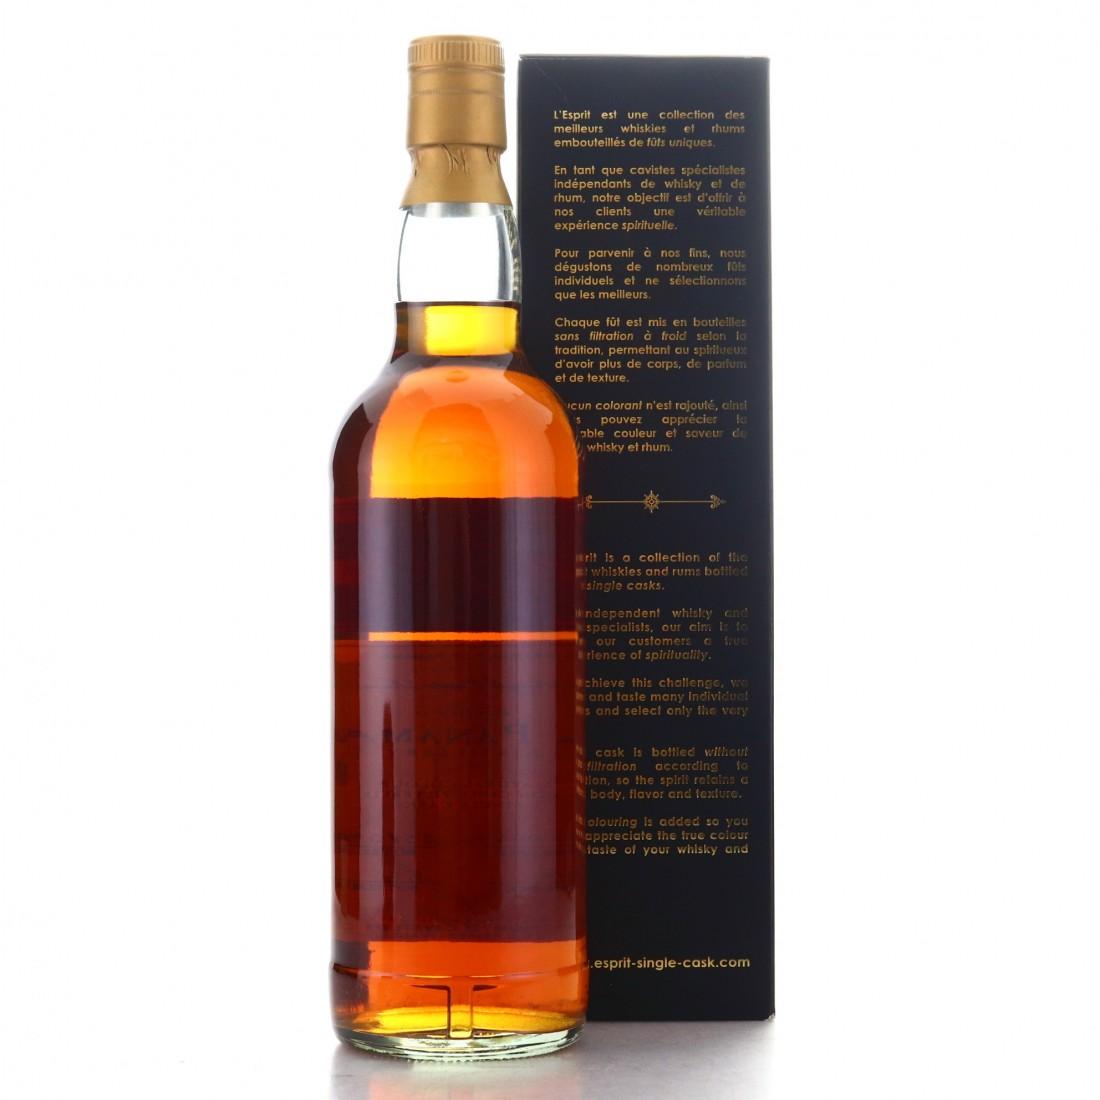 Panama Rum 2004 L'Esprit